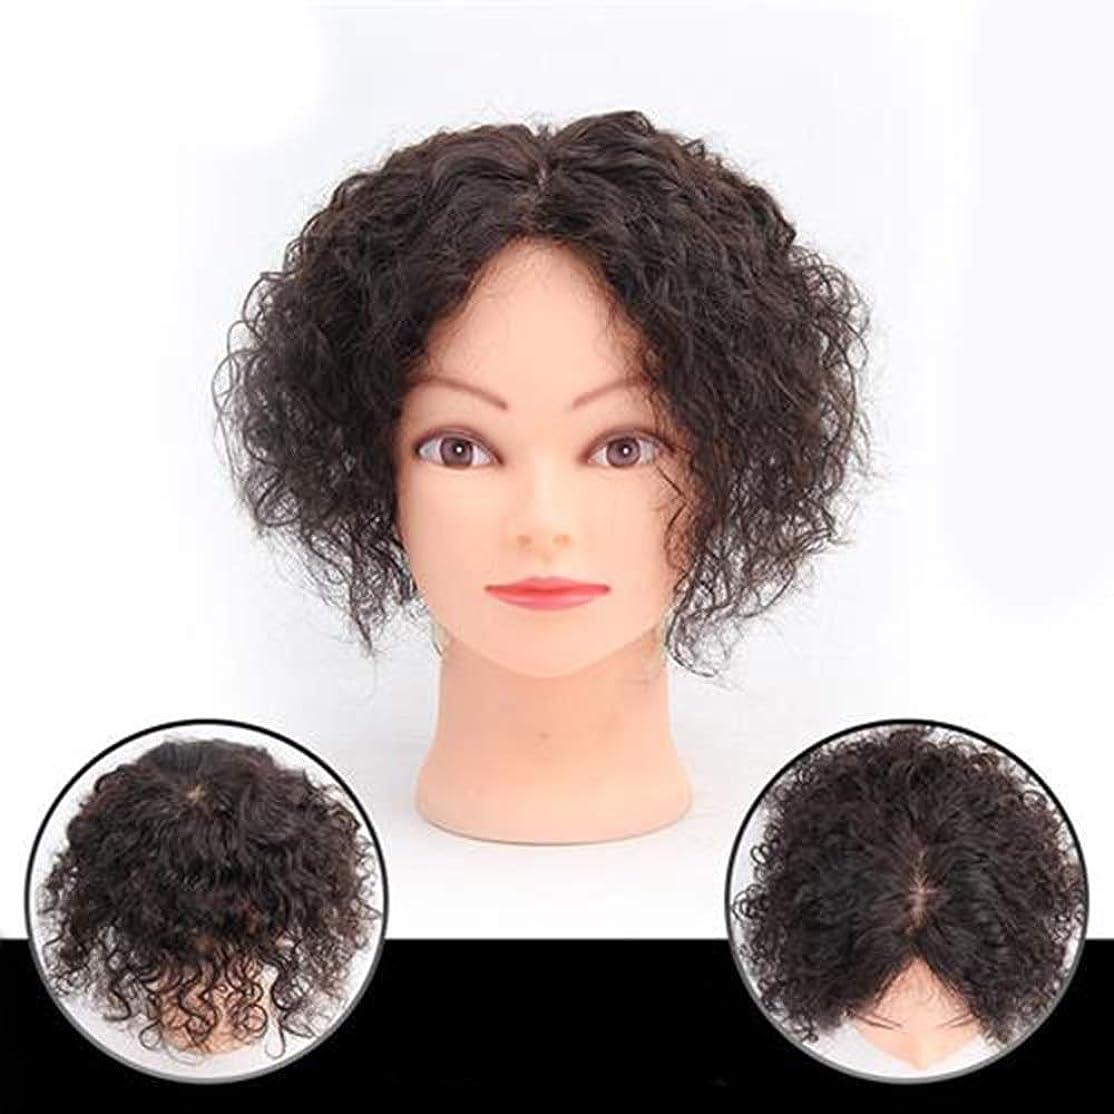 フォームあまりにも意気消沈したかつら 女性の短い巻き毛ふわふわナチュラルかつらハンドニードルリアルヘアカバー白髪日常服ファッションウィッグ (色 : Natural color, サイズ : 30cm)